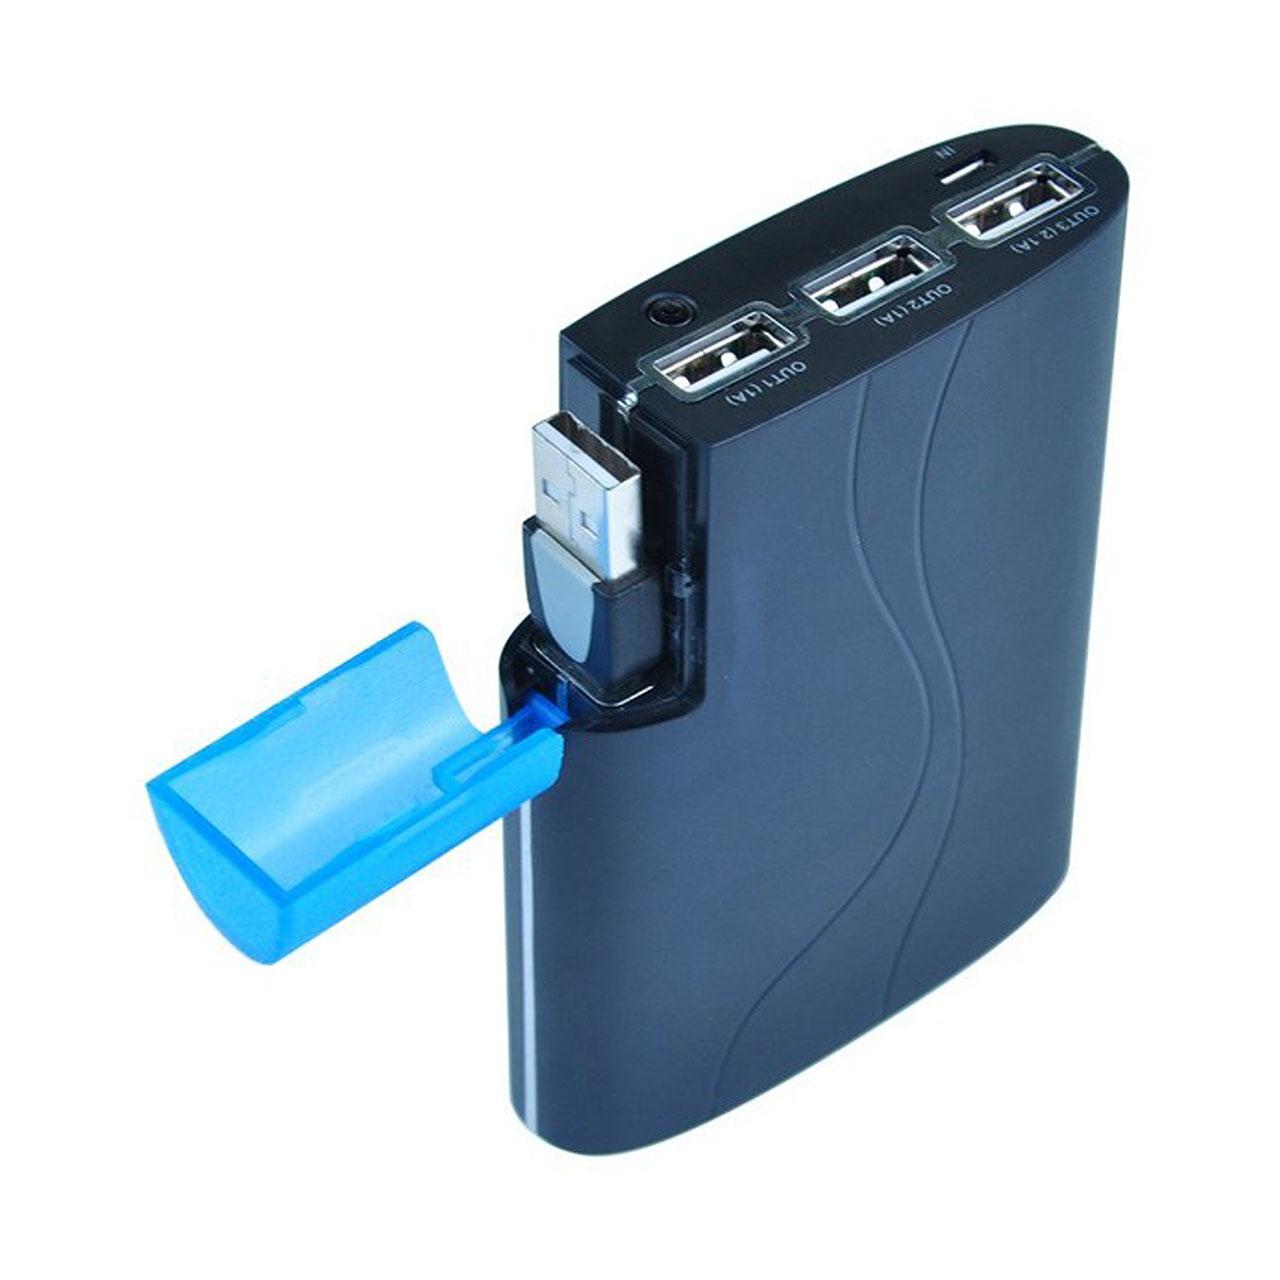 شارژر همراه میلی مدل HB-J78 با ظرفیت 7800mAh